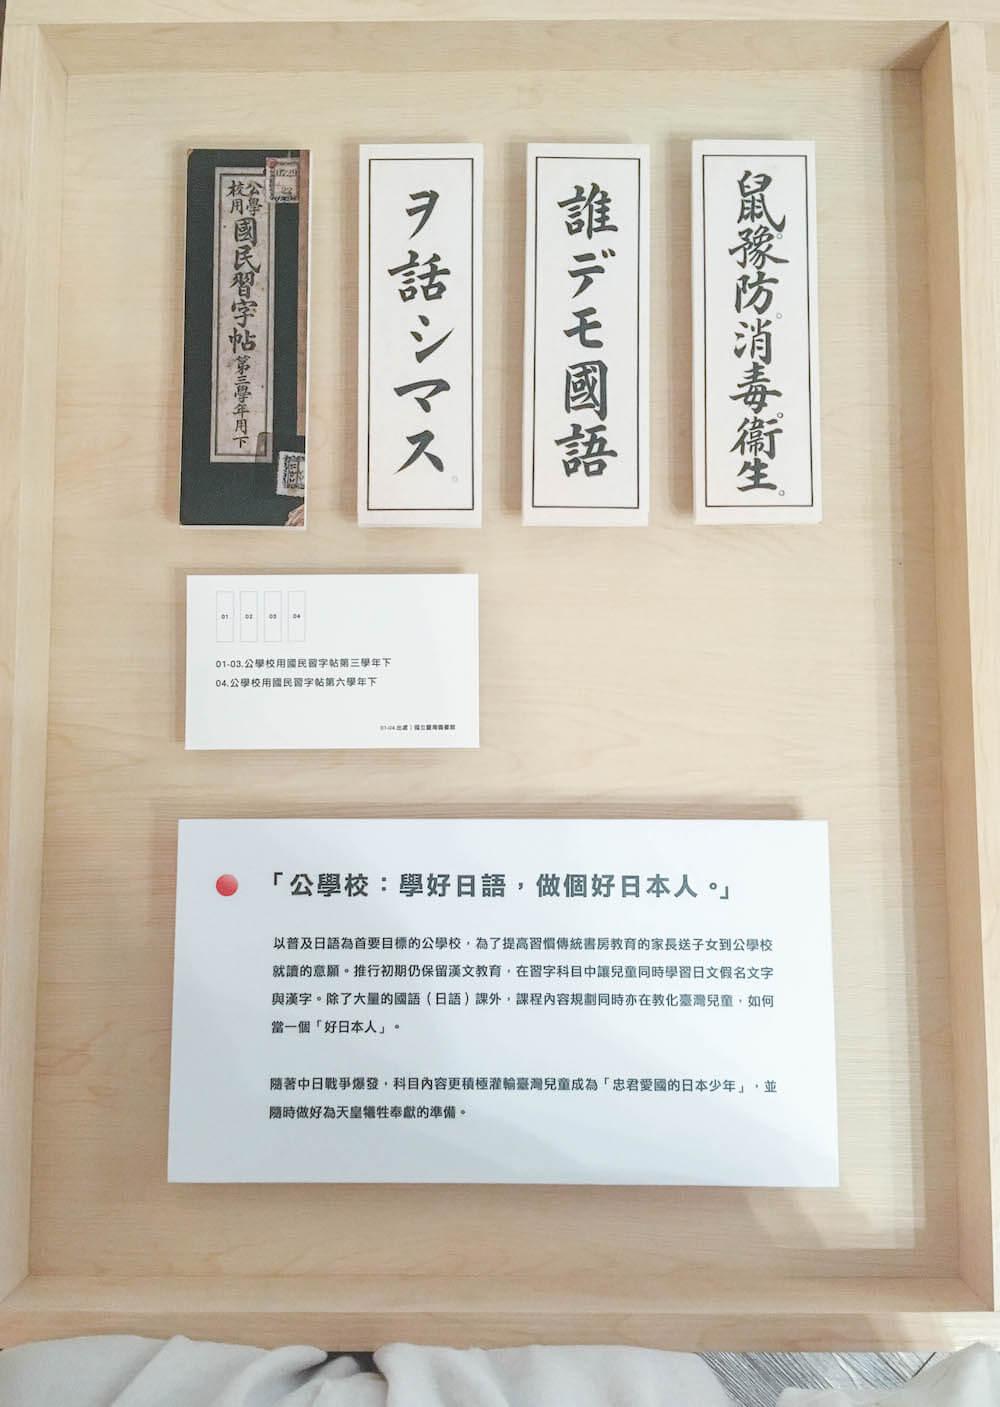 台灣新文化運動館